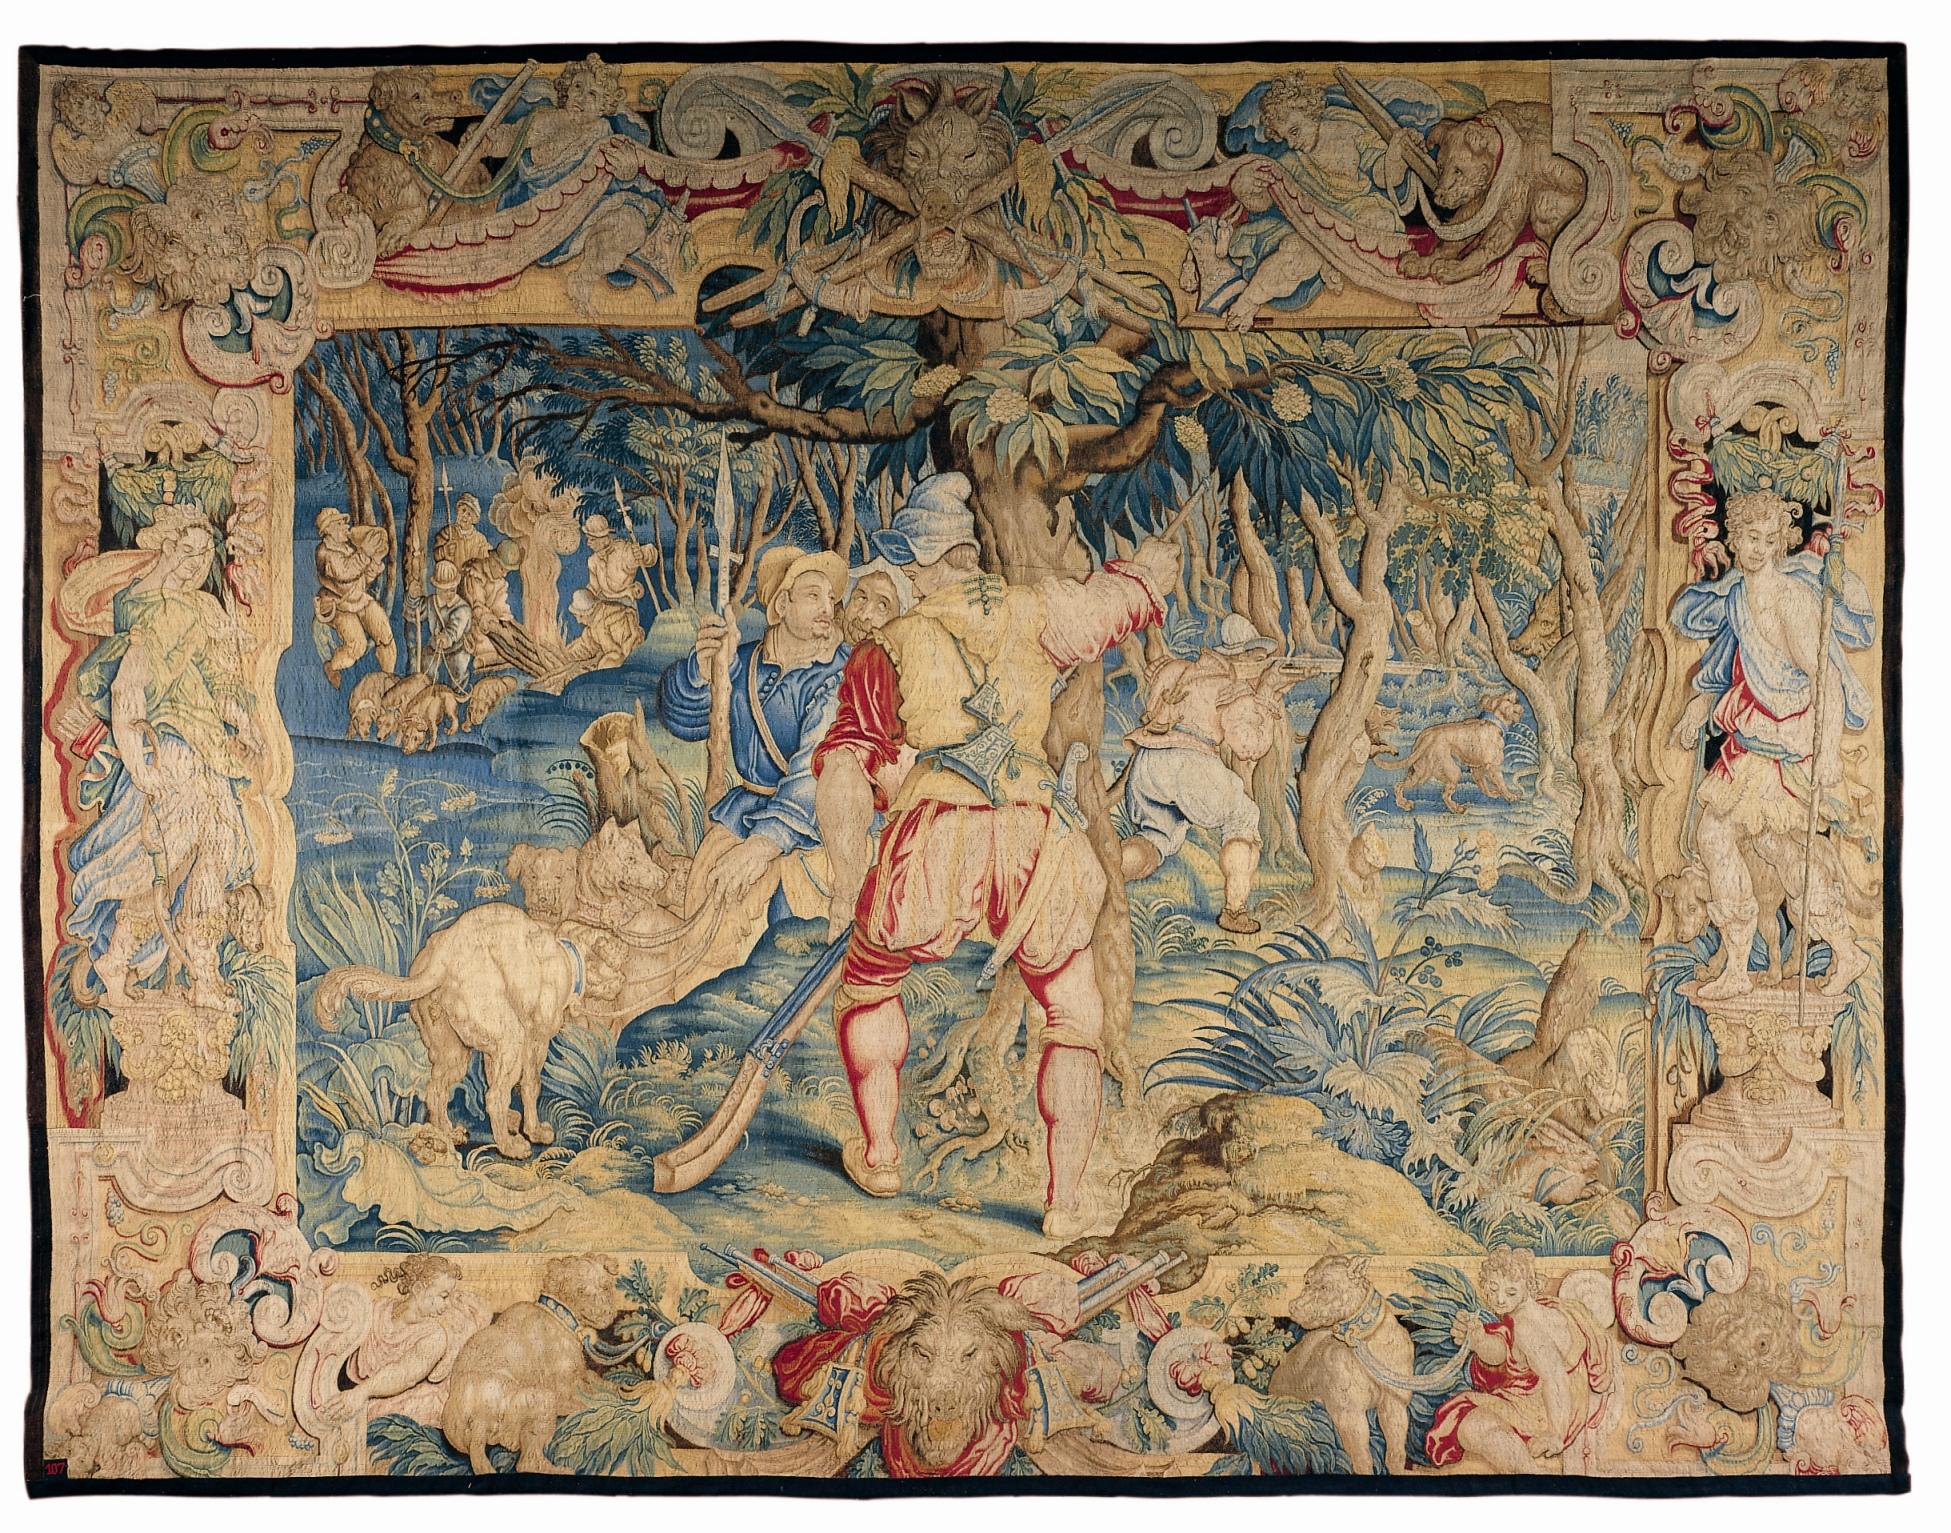 Palazzo Vecchio e i suoi arazzi fiamminghi da conoscere in famiglia